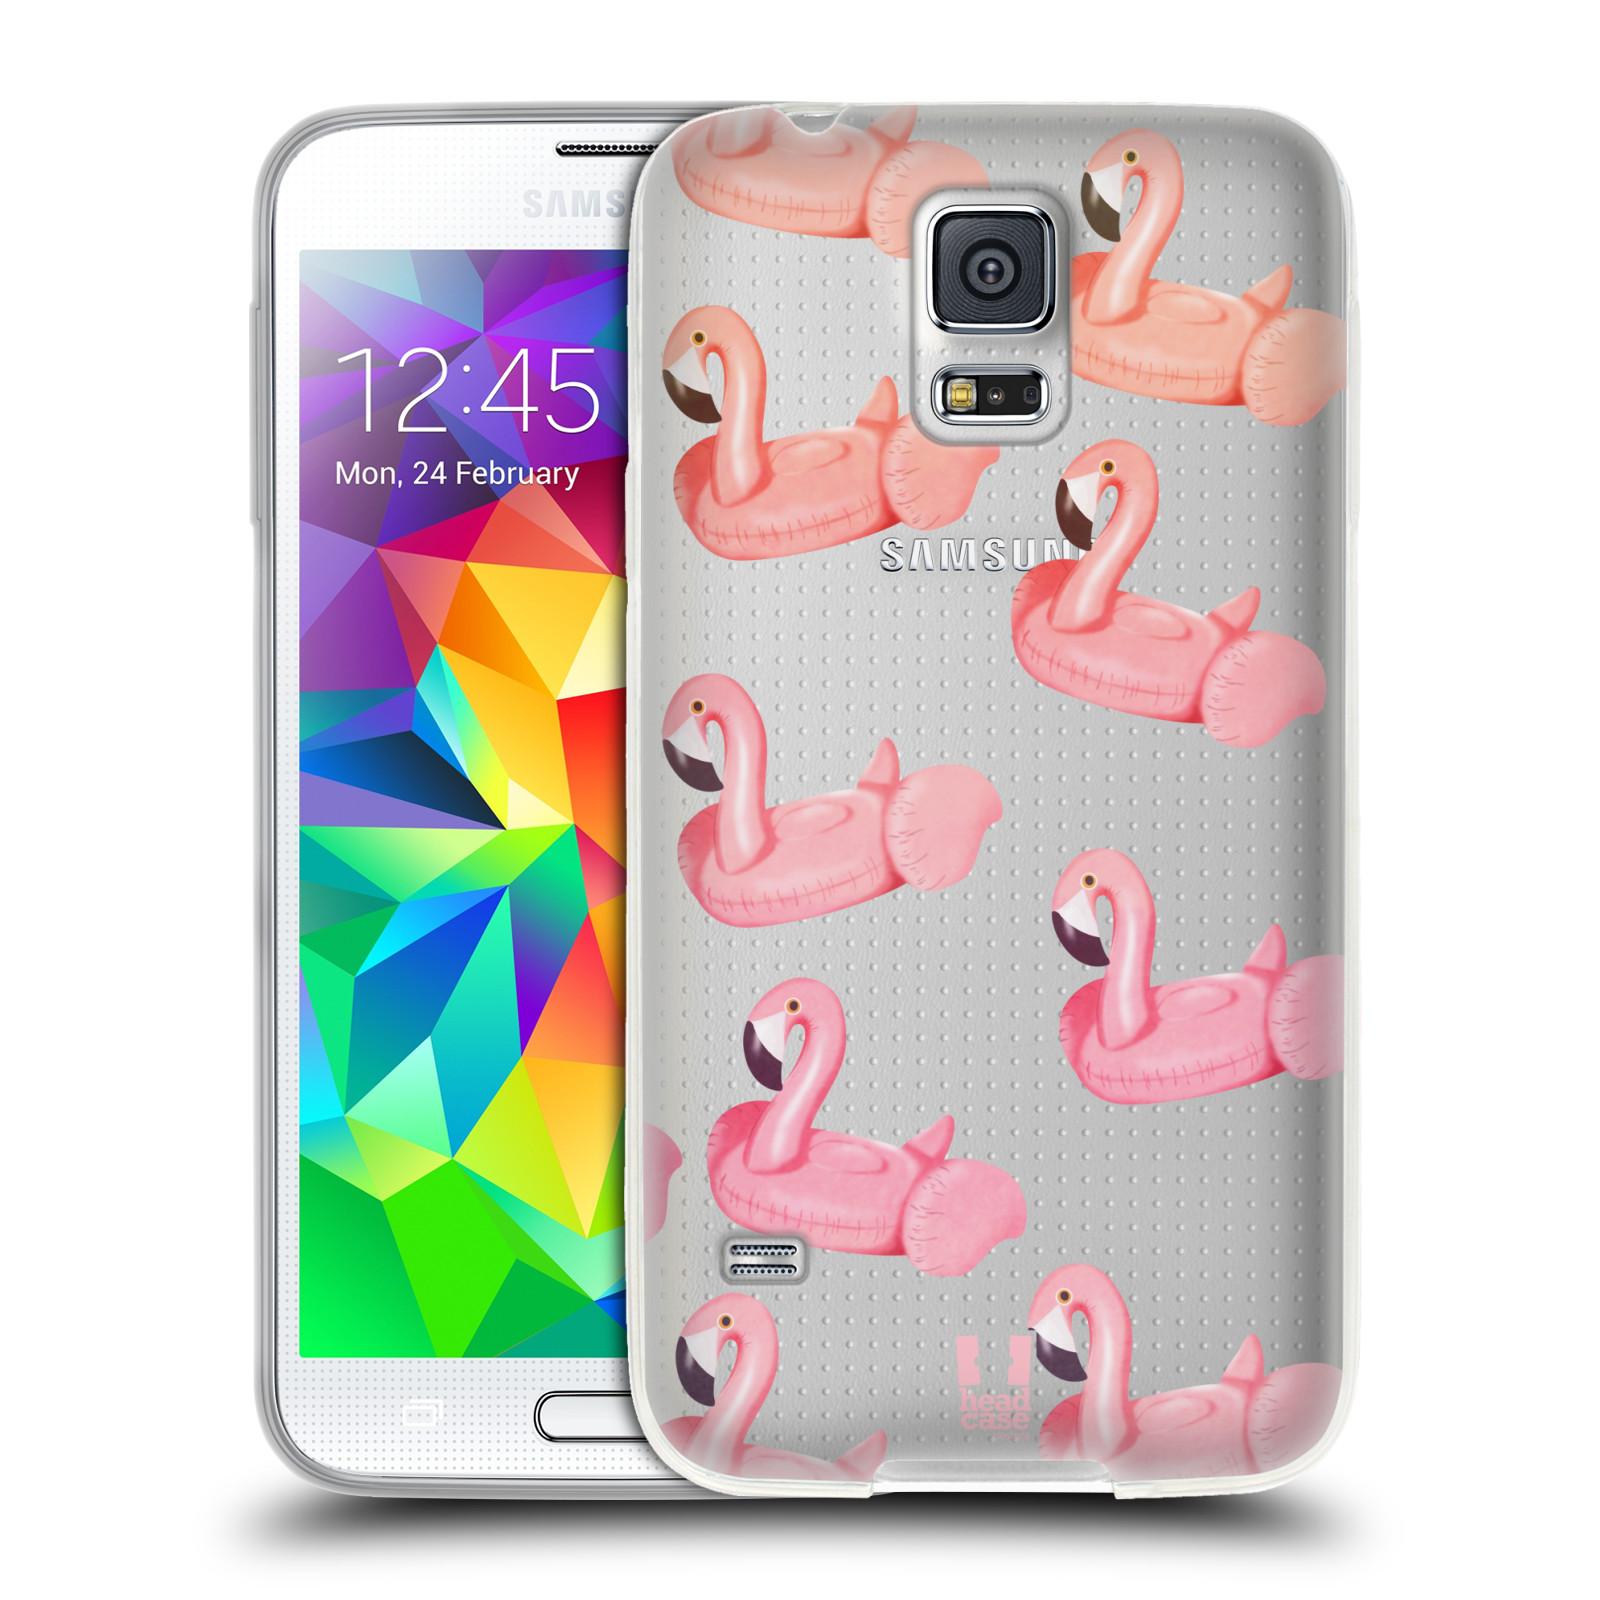 Silikonové pouzdro na mobil Samsung Galaxy S5 Neo - Head Case - Kruh plaměňák